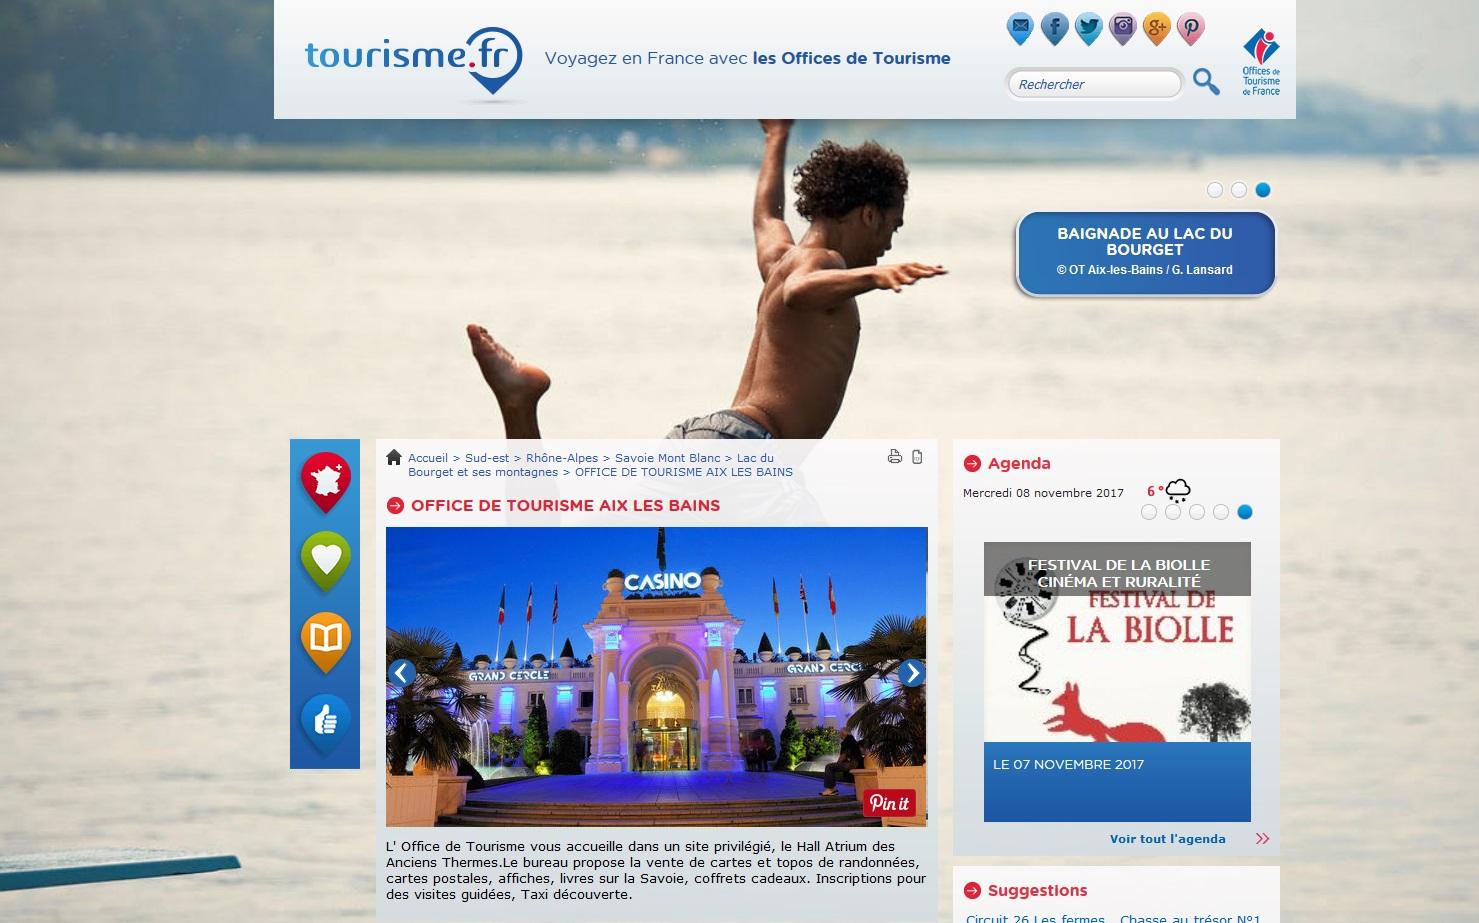 Office de Tourisme Aix-les-Bains Savoie